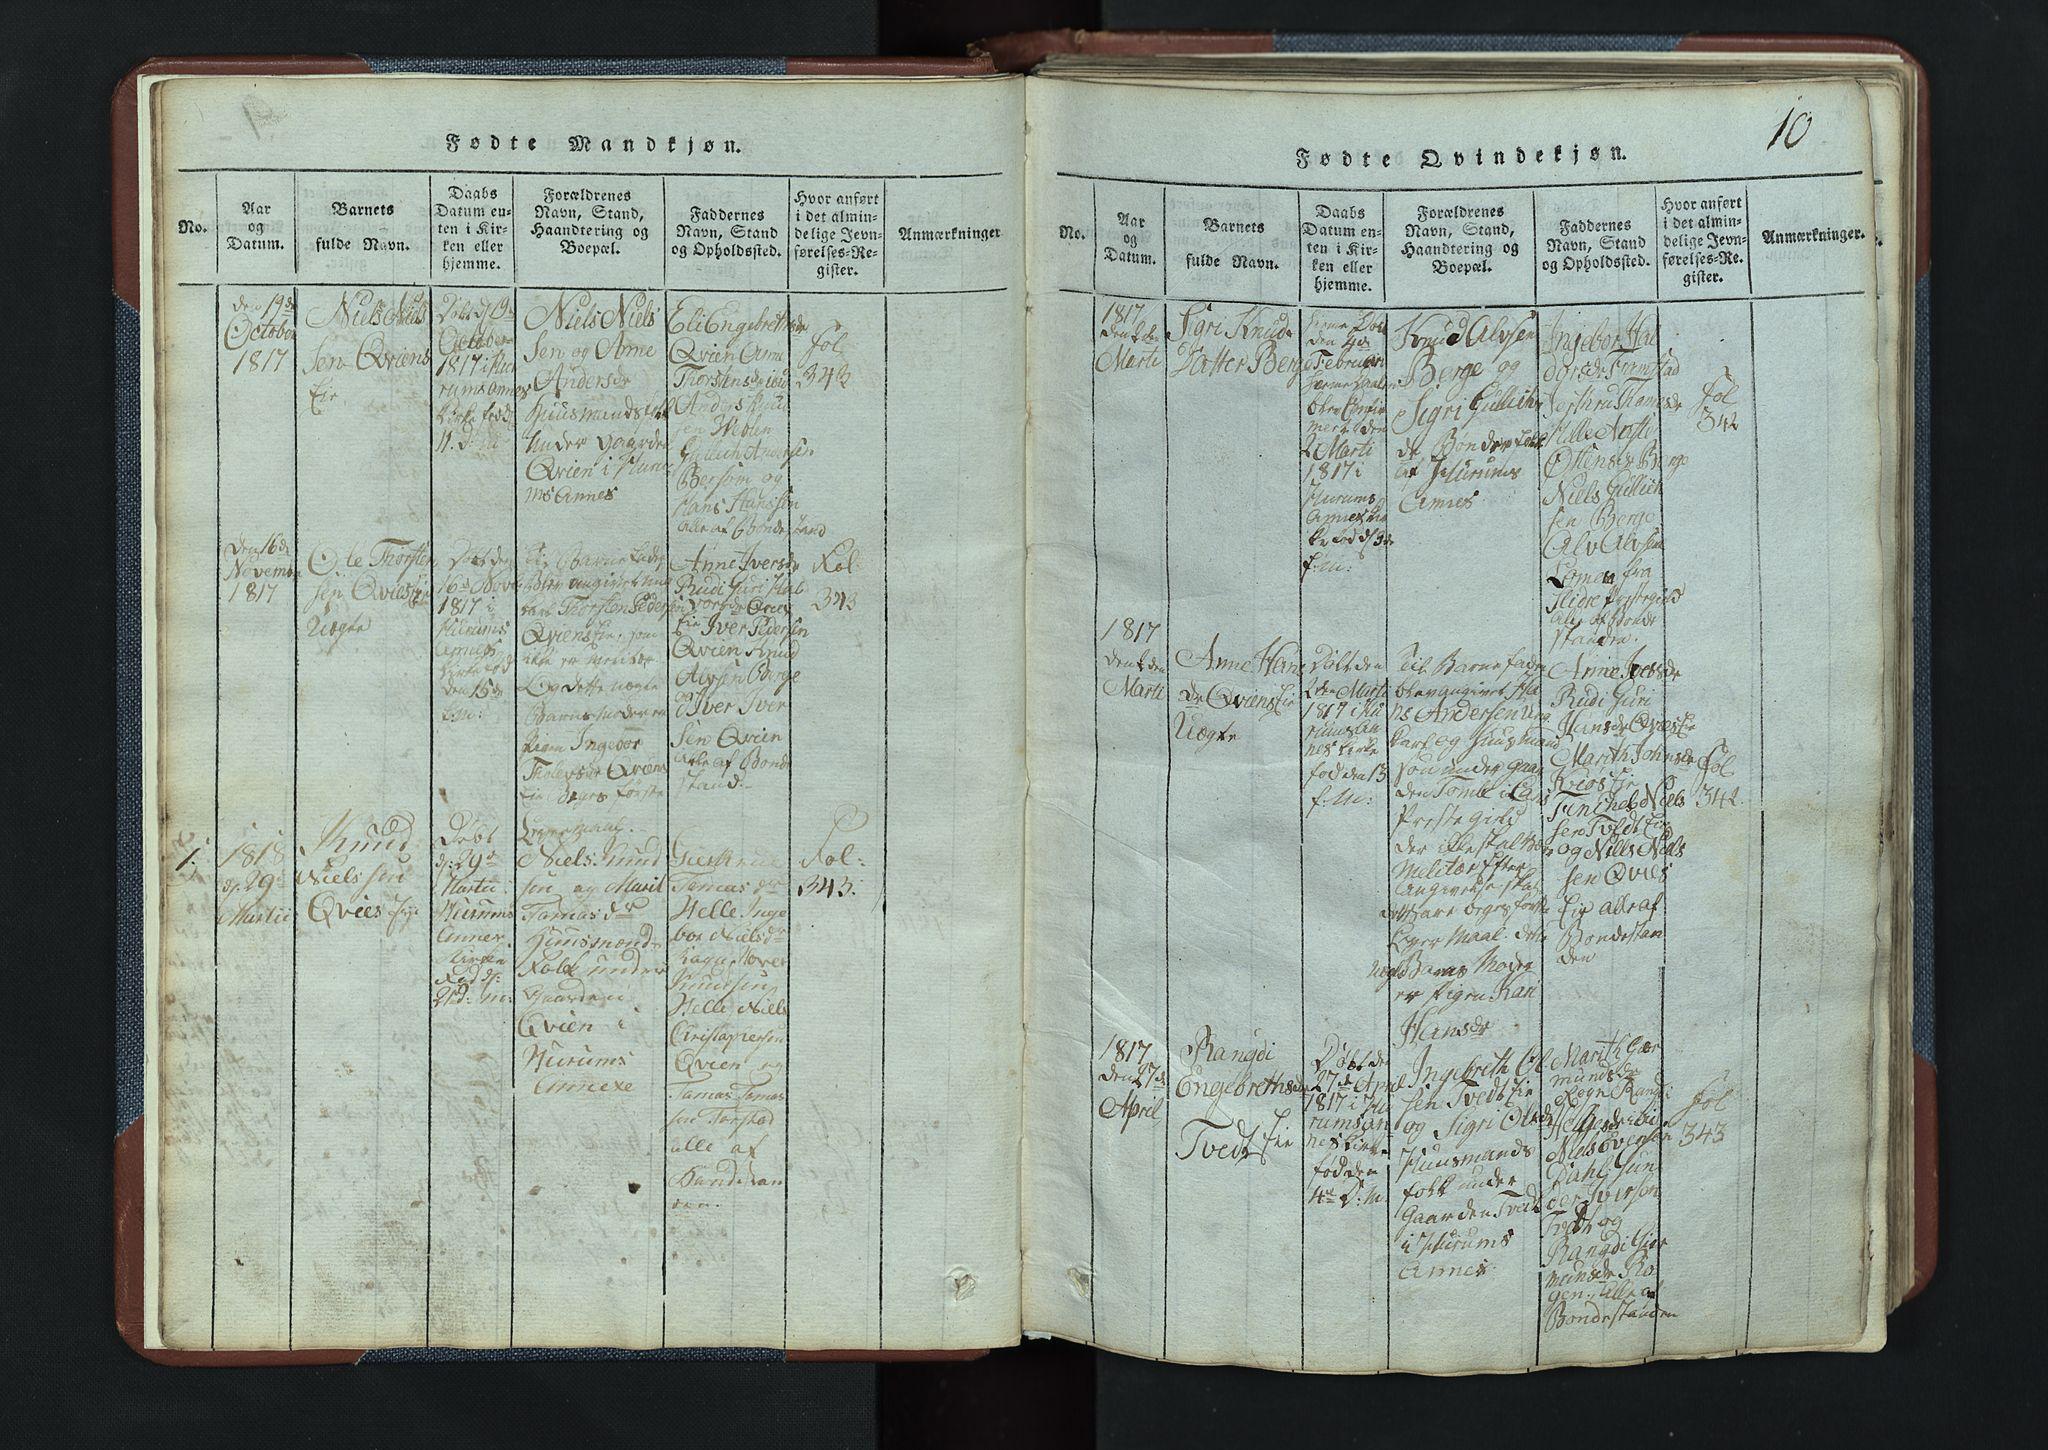 SAH, Vang prestekontor, Valdres, Klokkerbok nr. 3, 1814-1892, s. 10